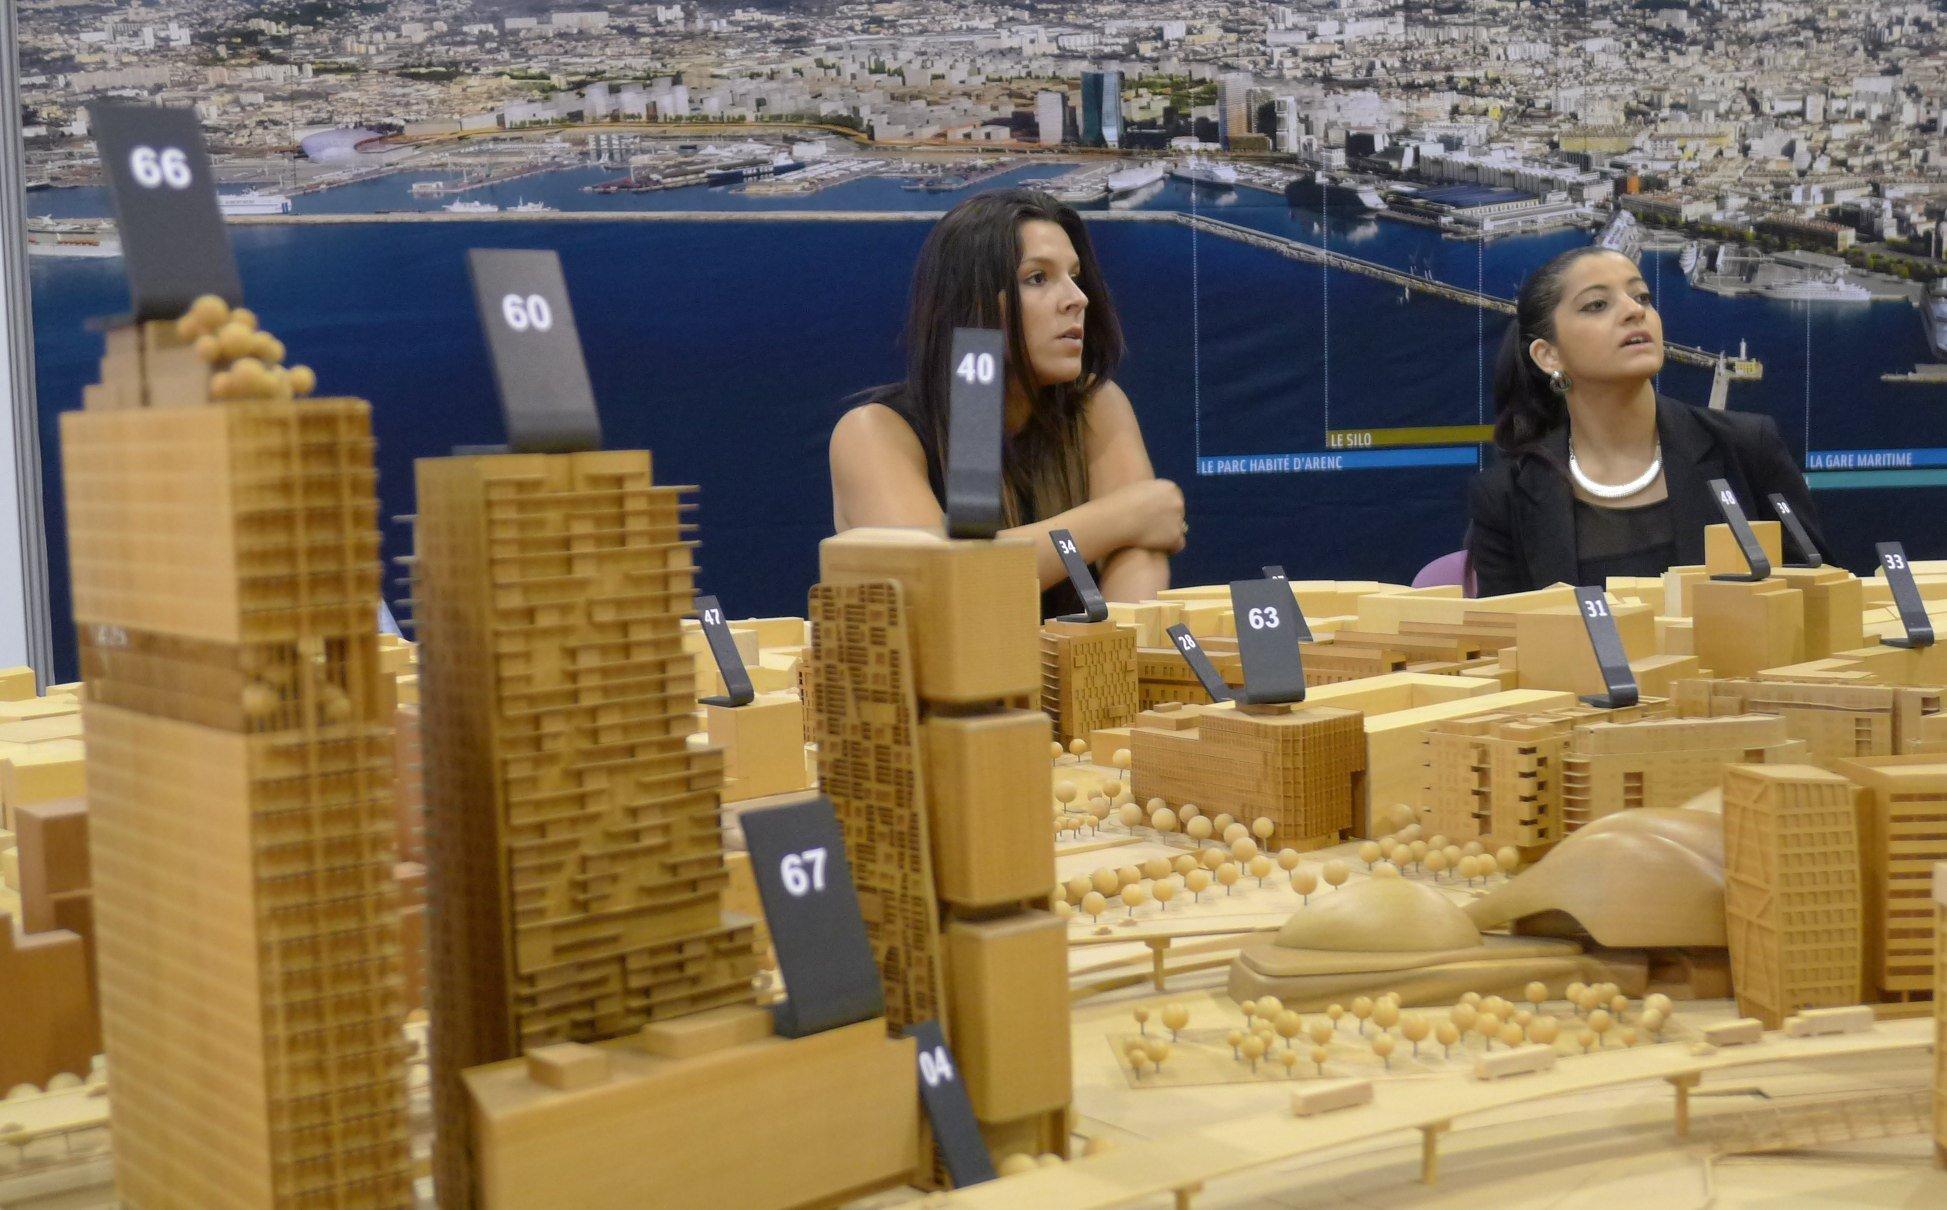 Immobilier d 39 entreprises marseille drague les for Salon immobilier entreprise